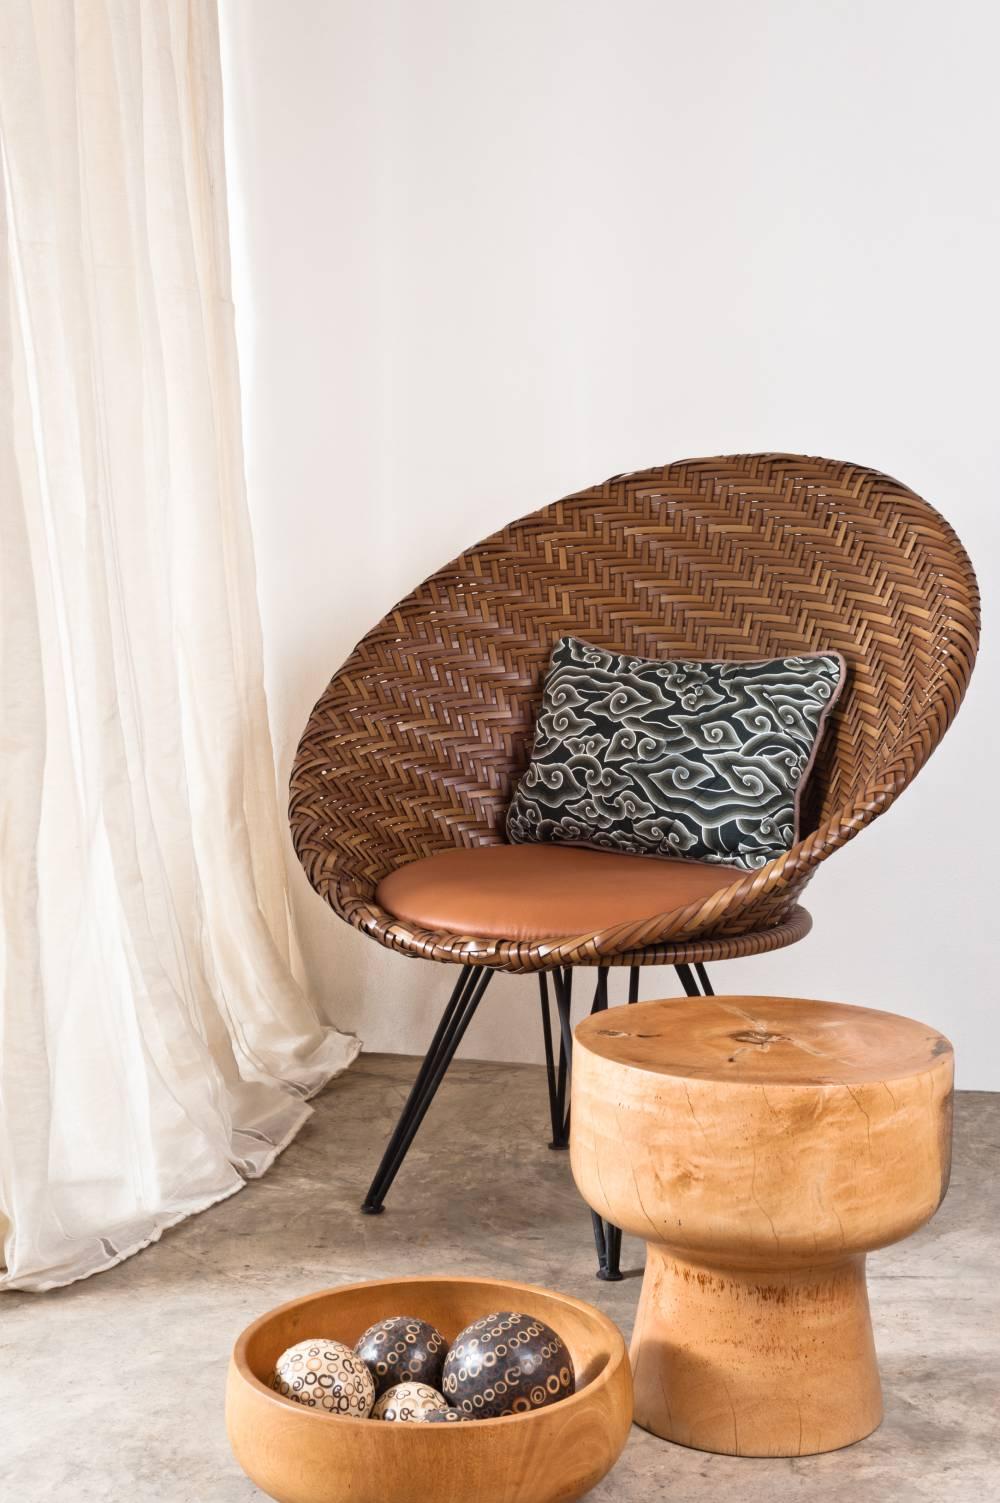 Fotel rattanowy w mieszkaniu